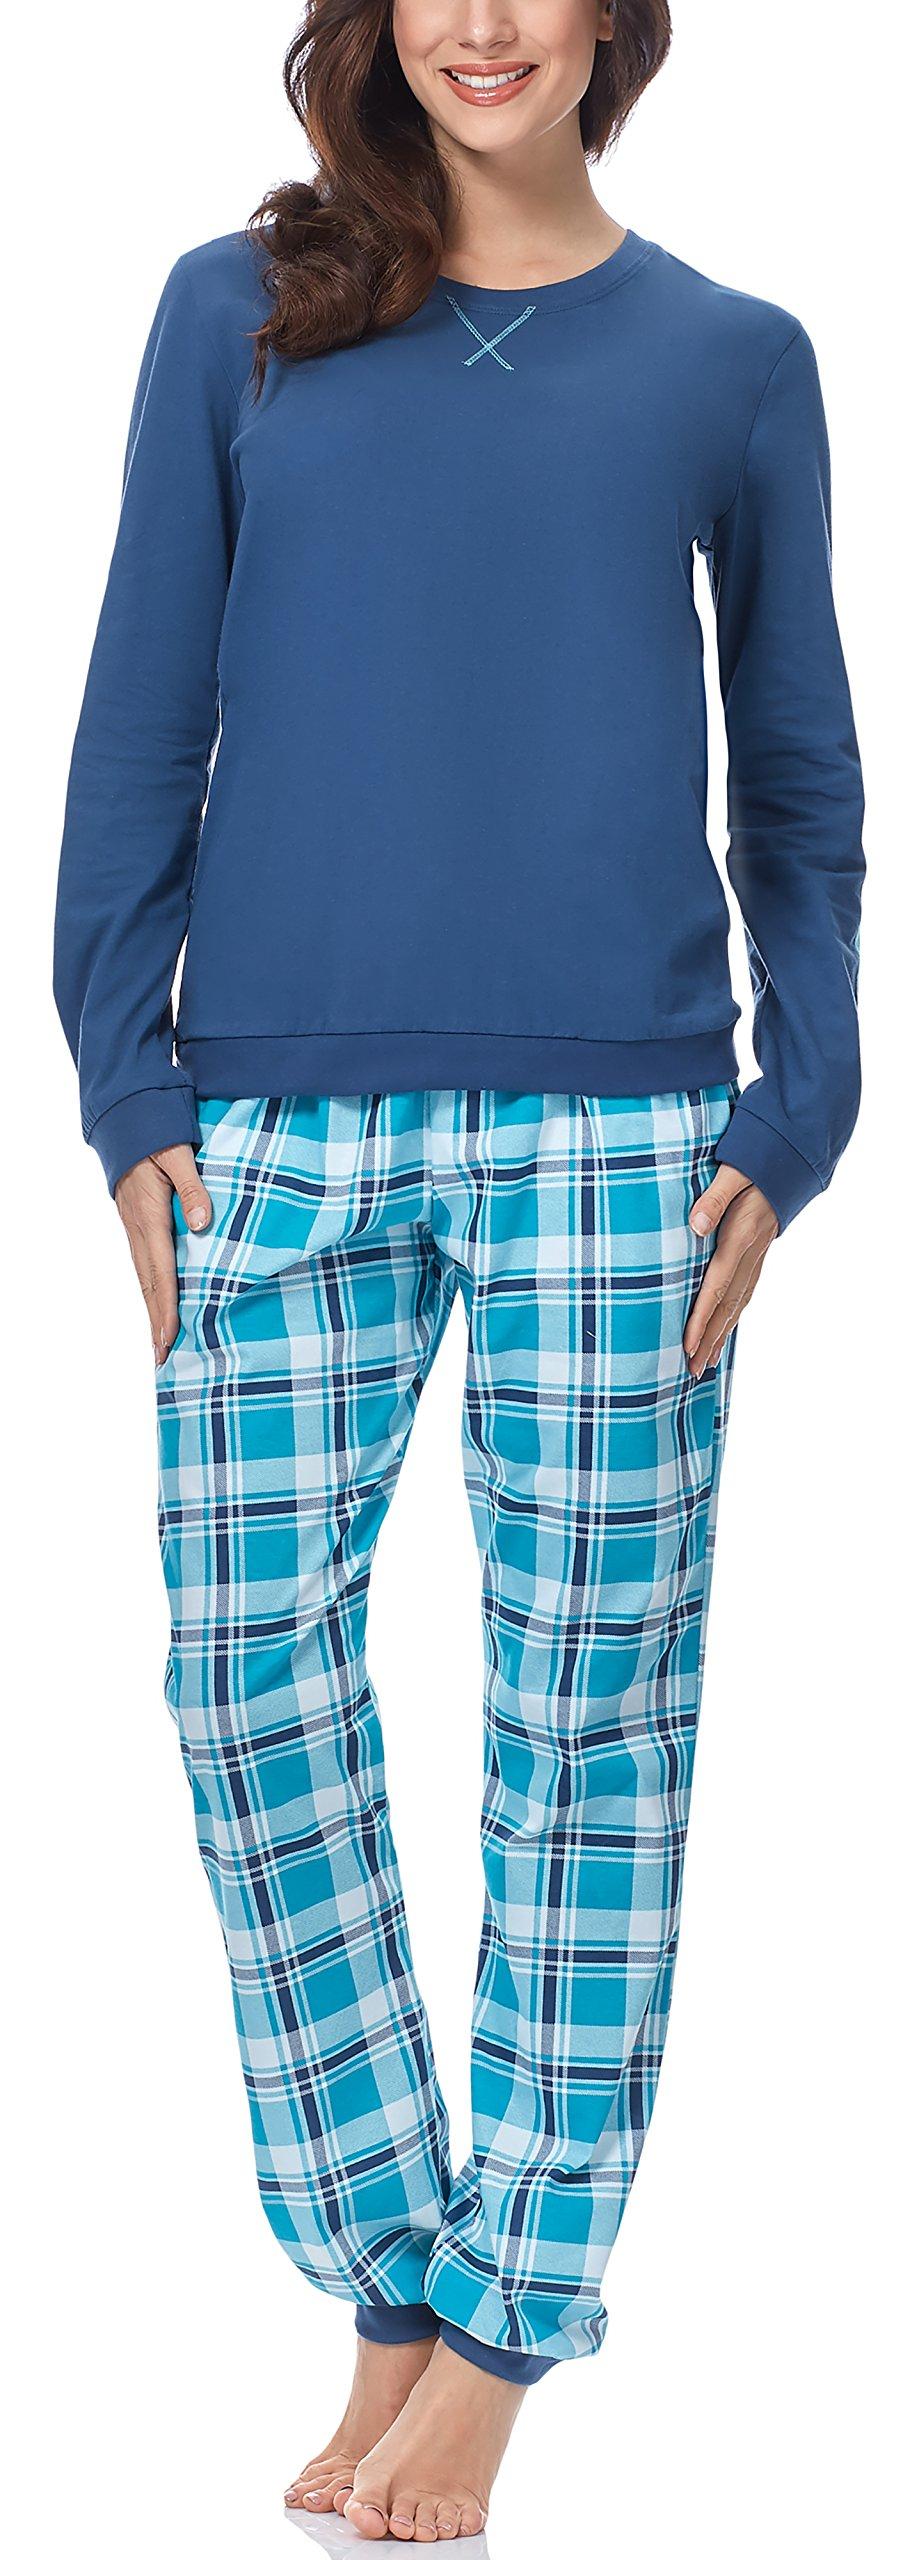 Cornette Pijama para Mujer 634 2015 product image